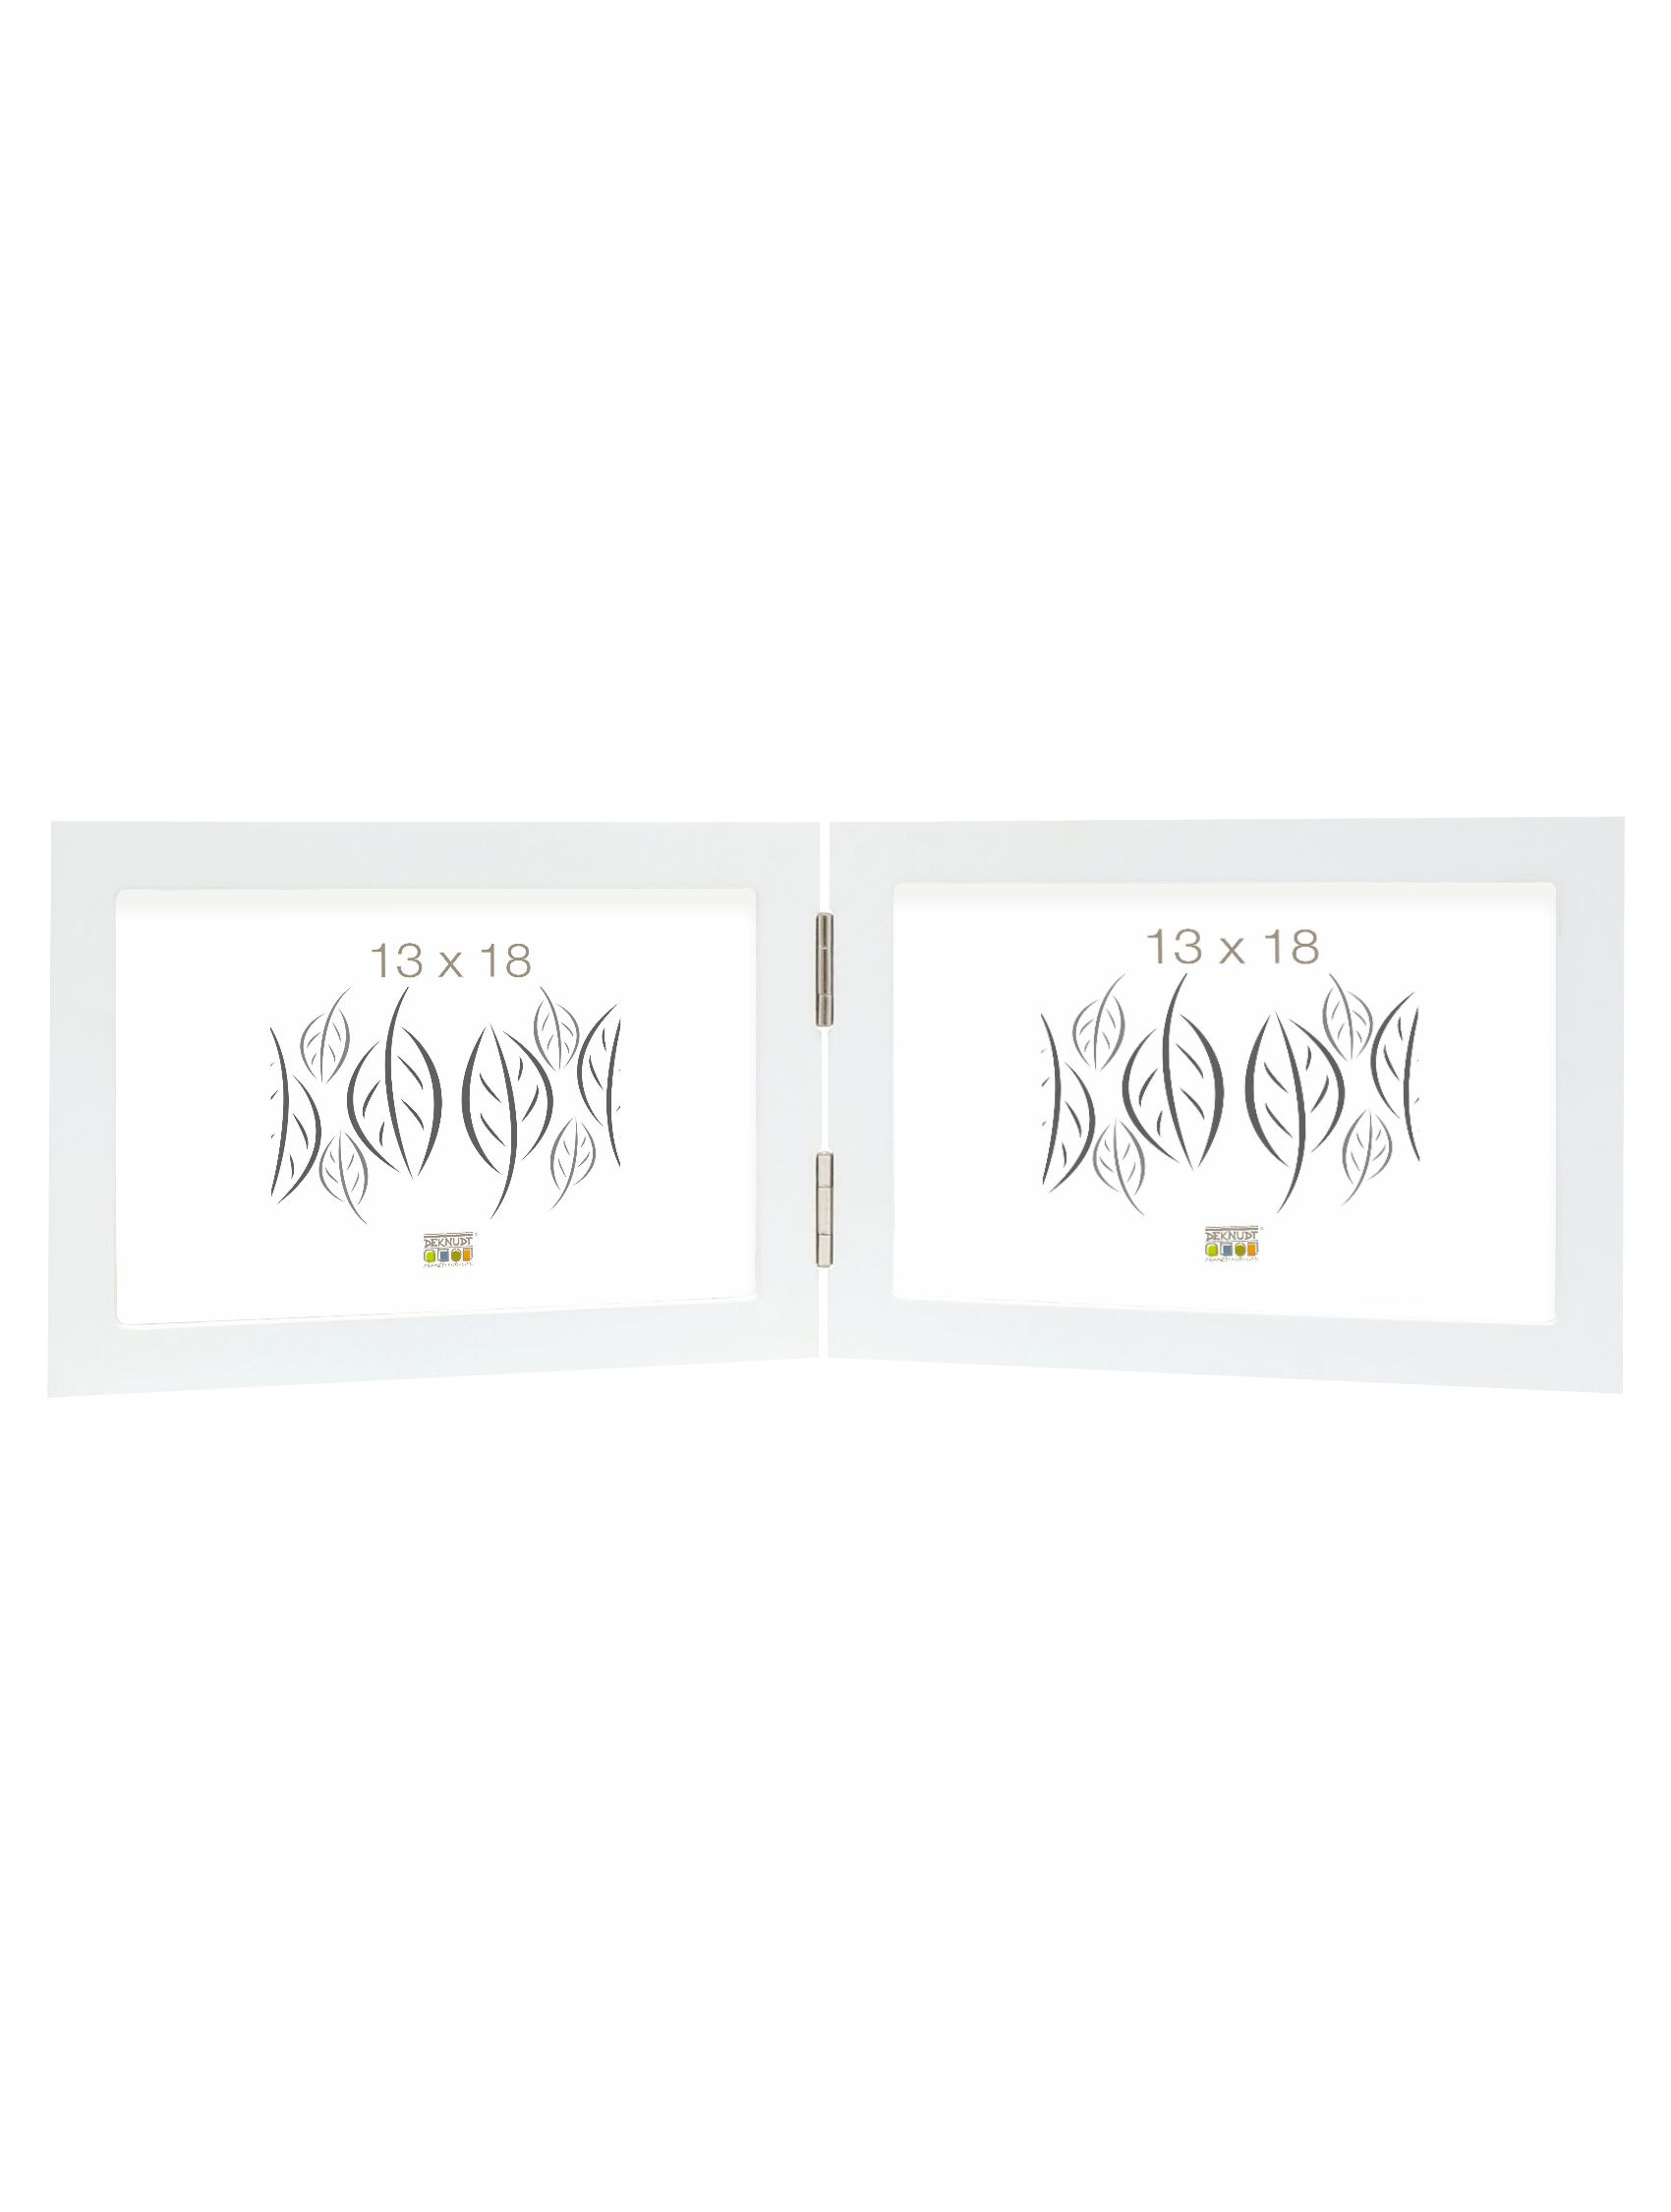 tweeluik wit hout horizontaal S68FK1 H2H